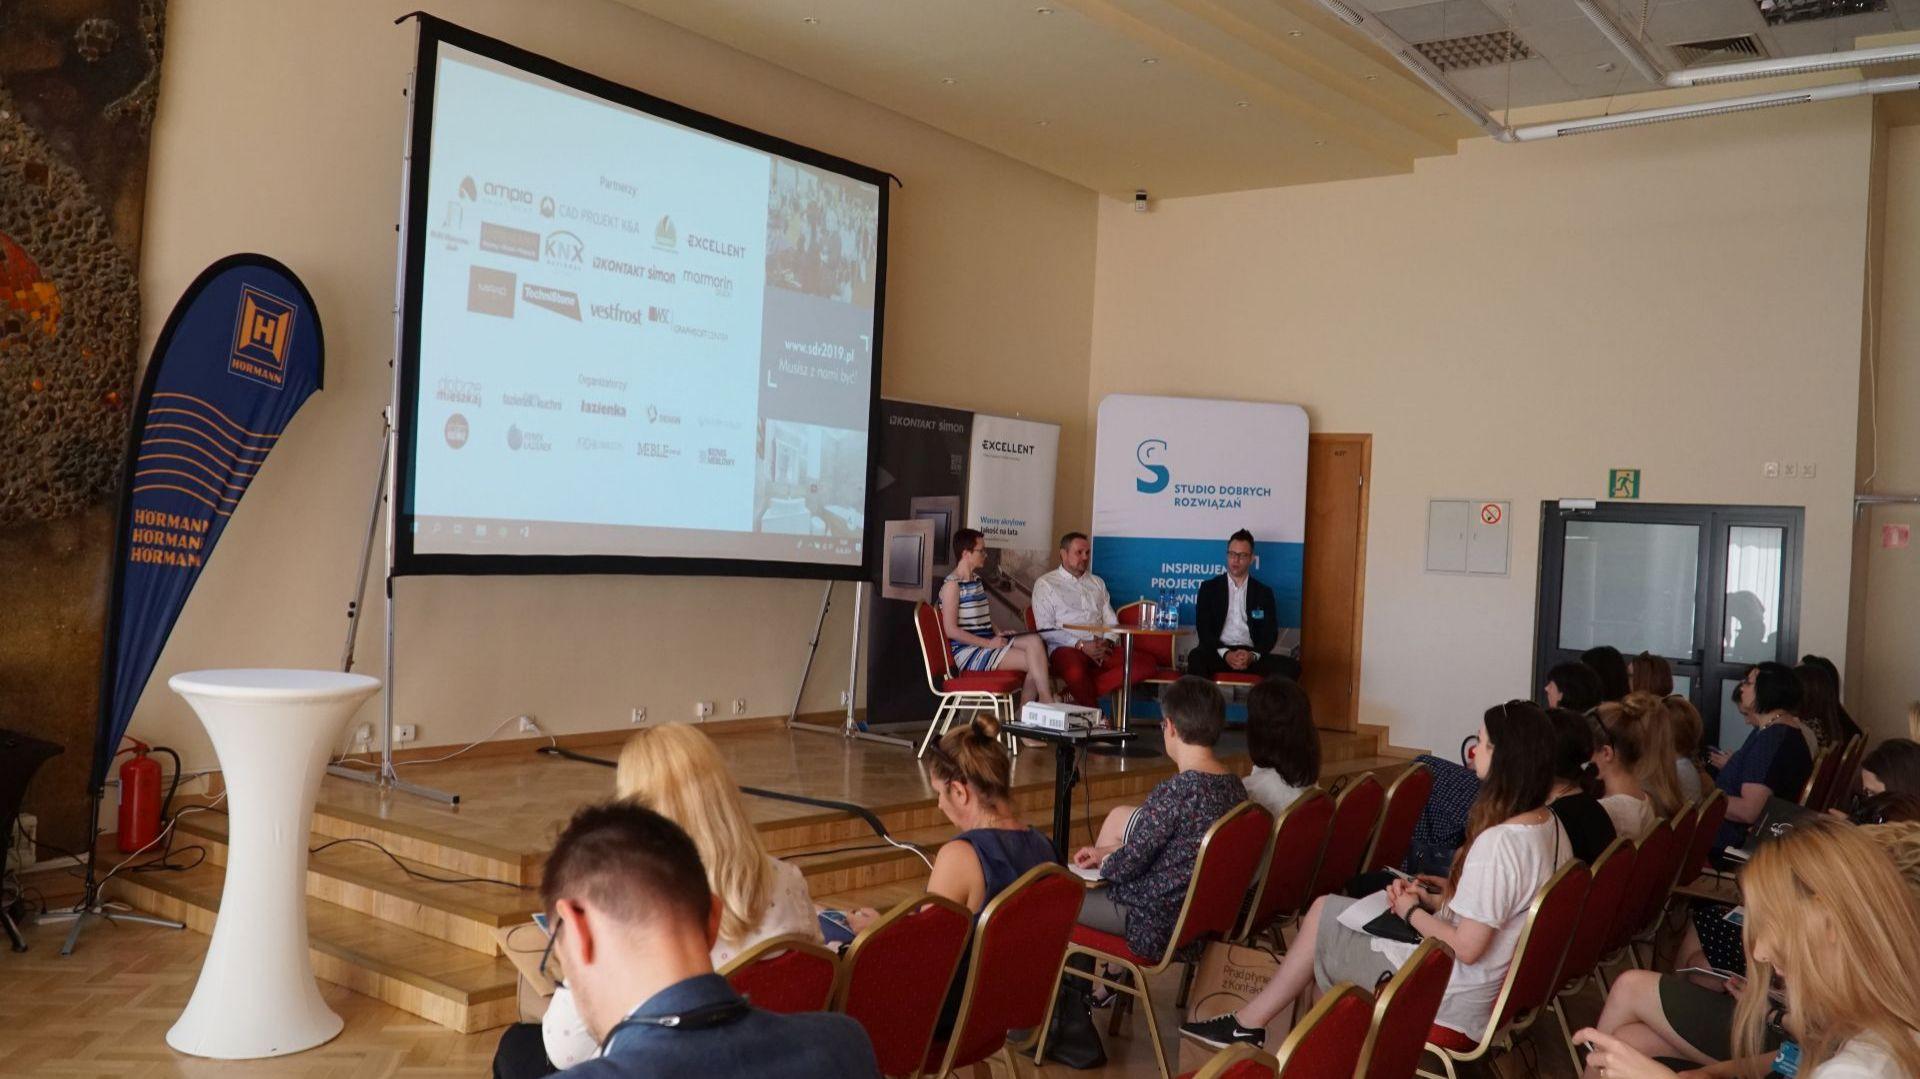 Kuchnia - trendy 2019, dyskusja podsumowująca z udziałem przedstawicieli firm TechniStone i Vestel Poland